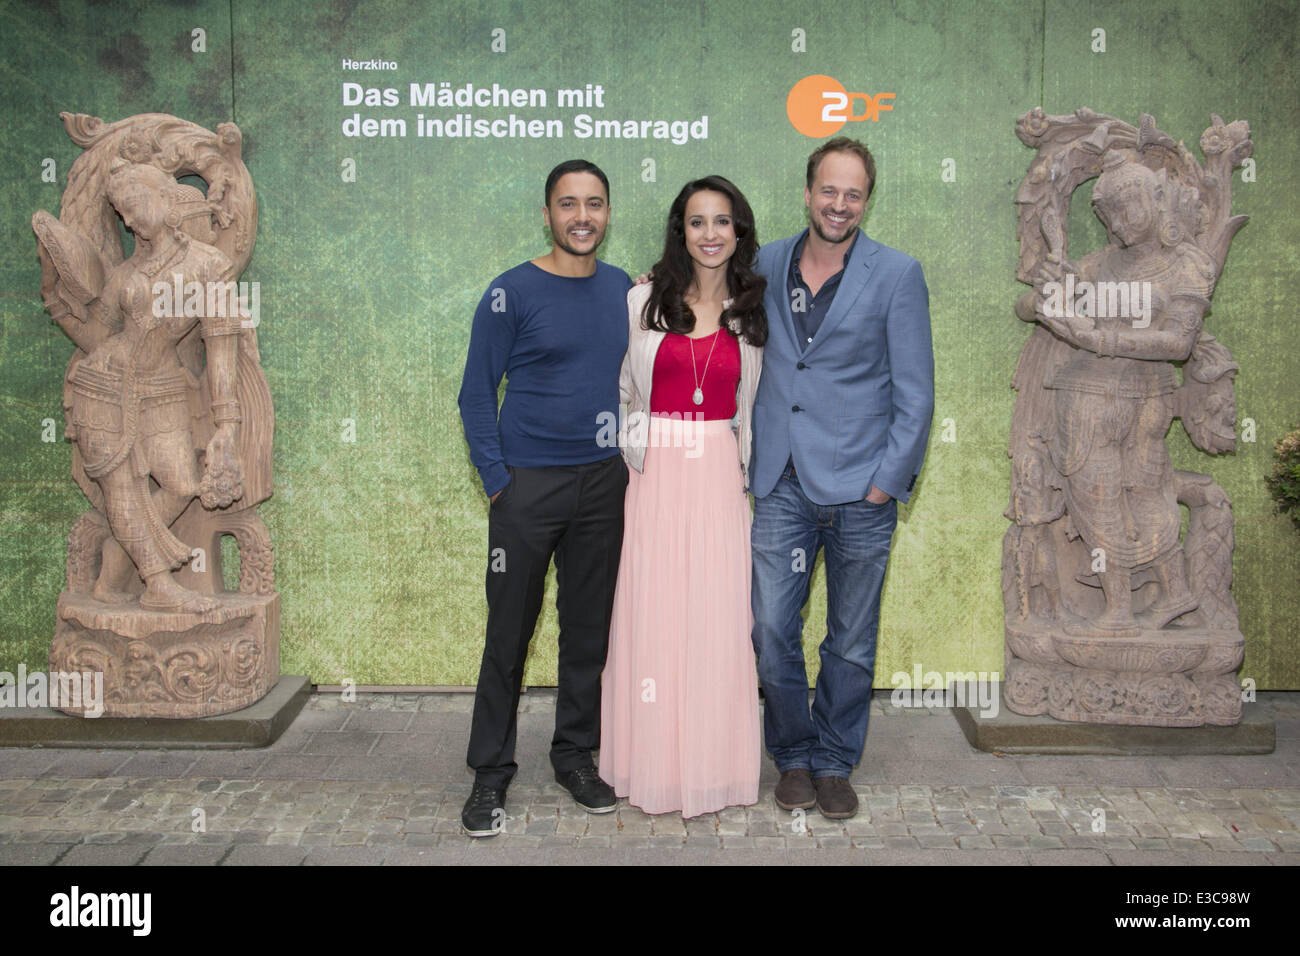 Photocall For The Zdf Tv Movie Das Mädchen Mit Dem Indischen Smaragd